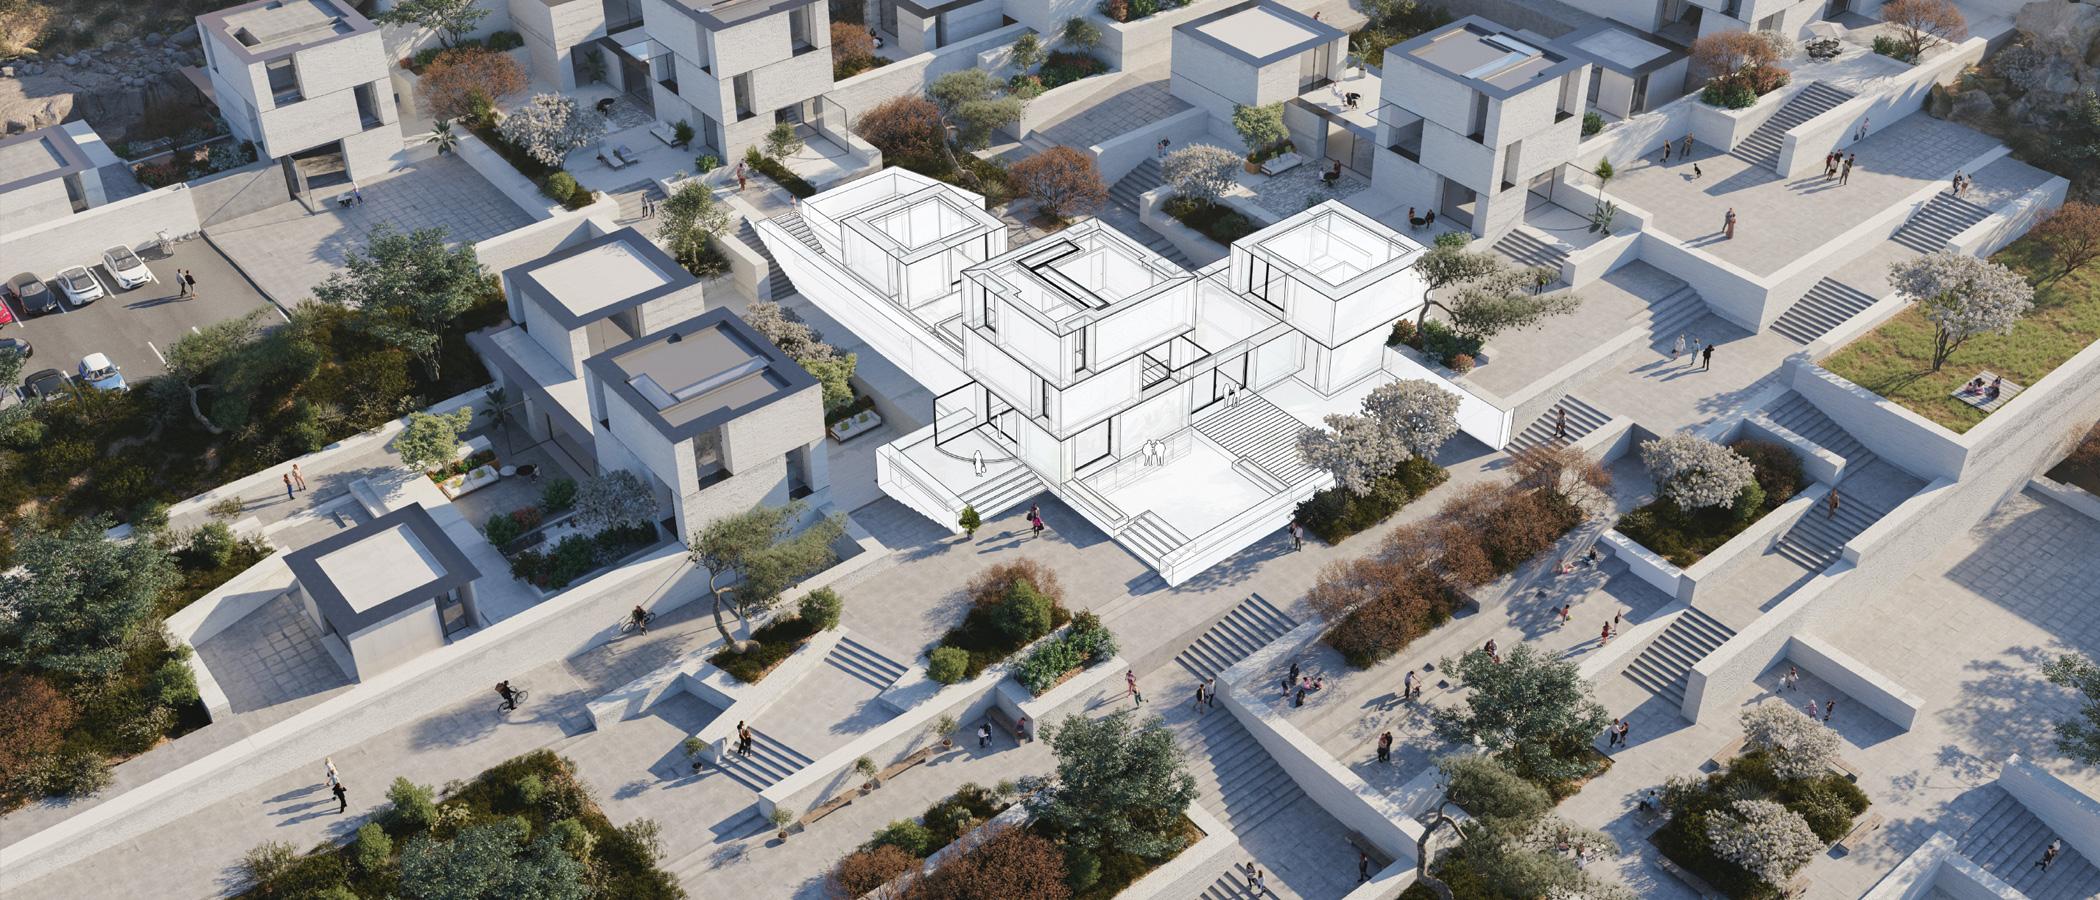 Planowanie urbanistyczne 3D | Miasta 3D ze SketchUp Pro